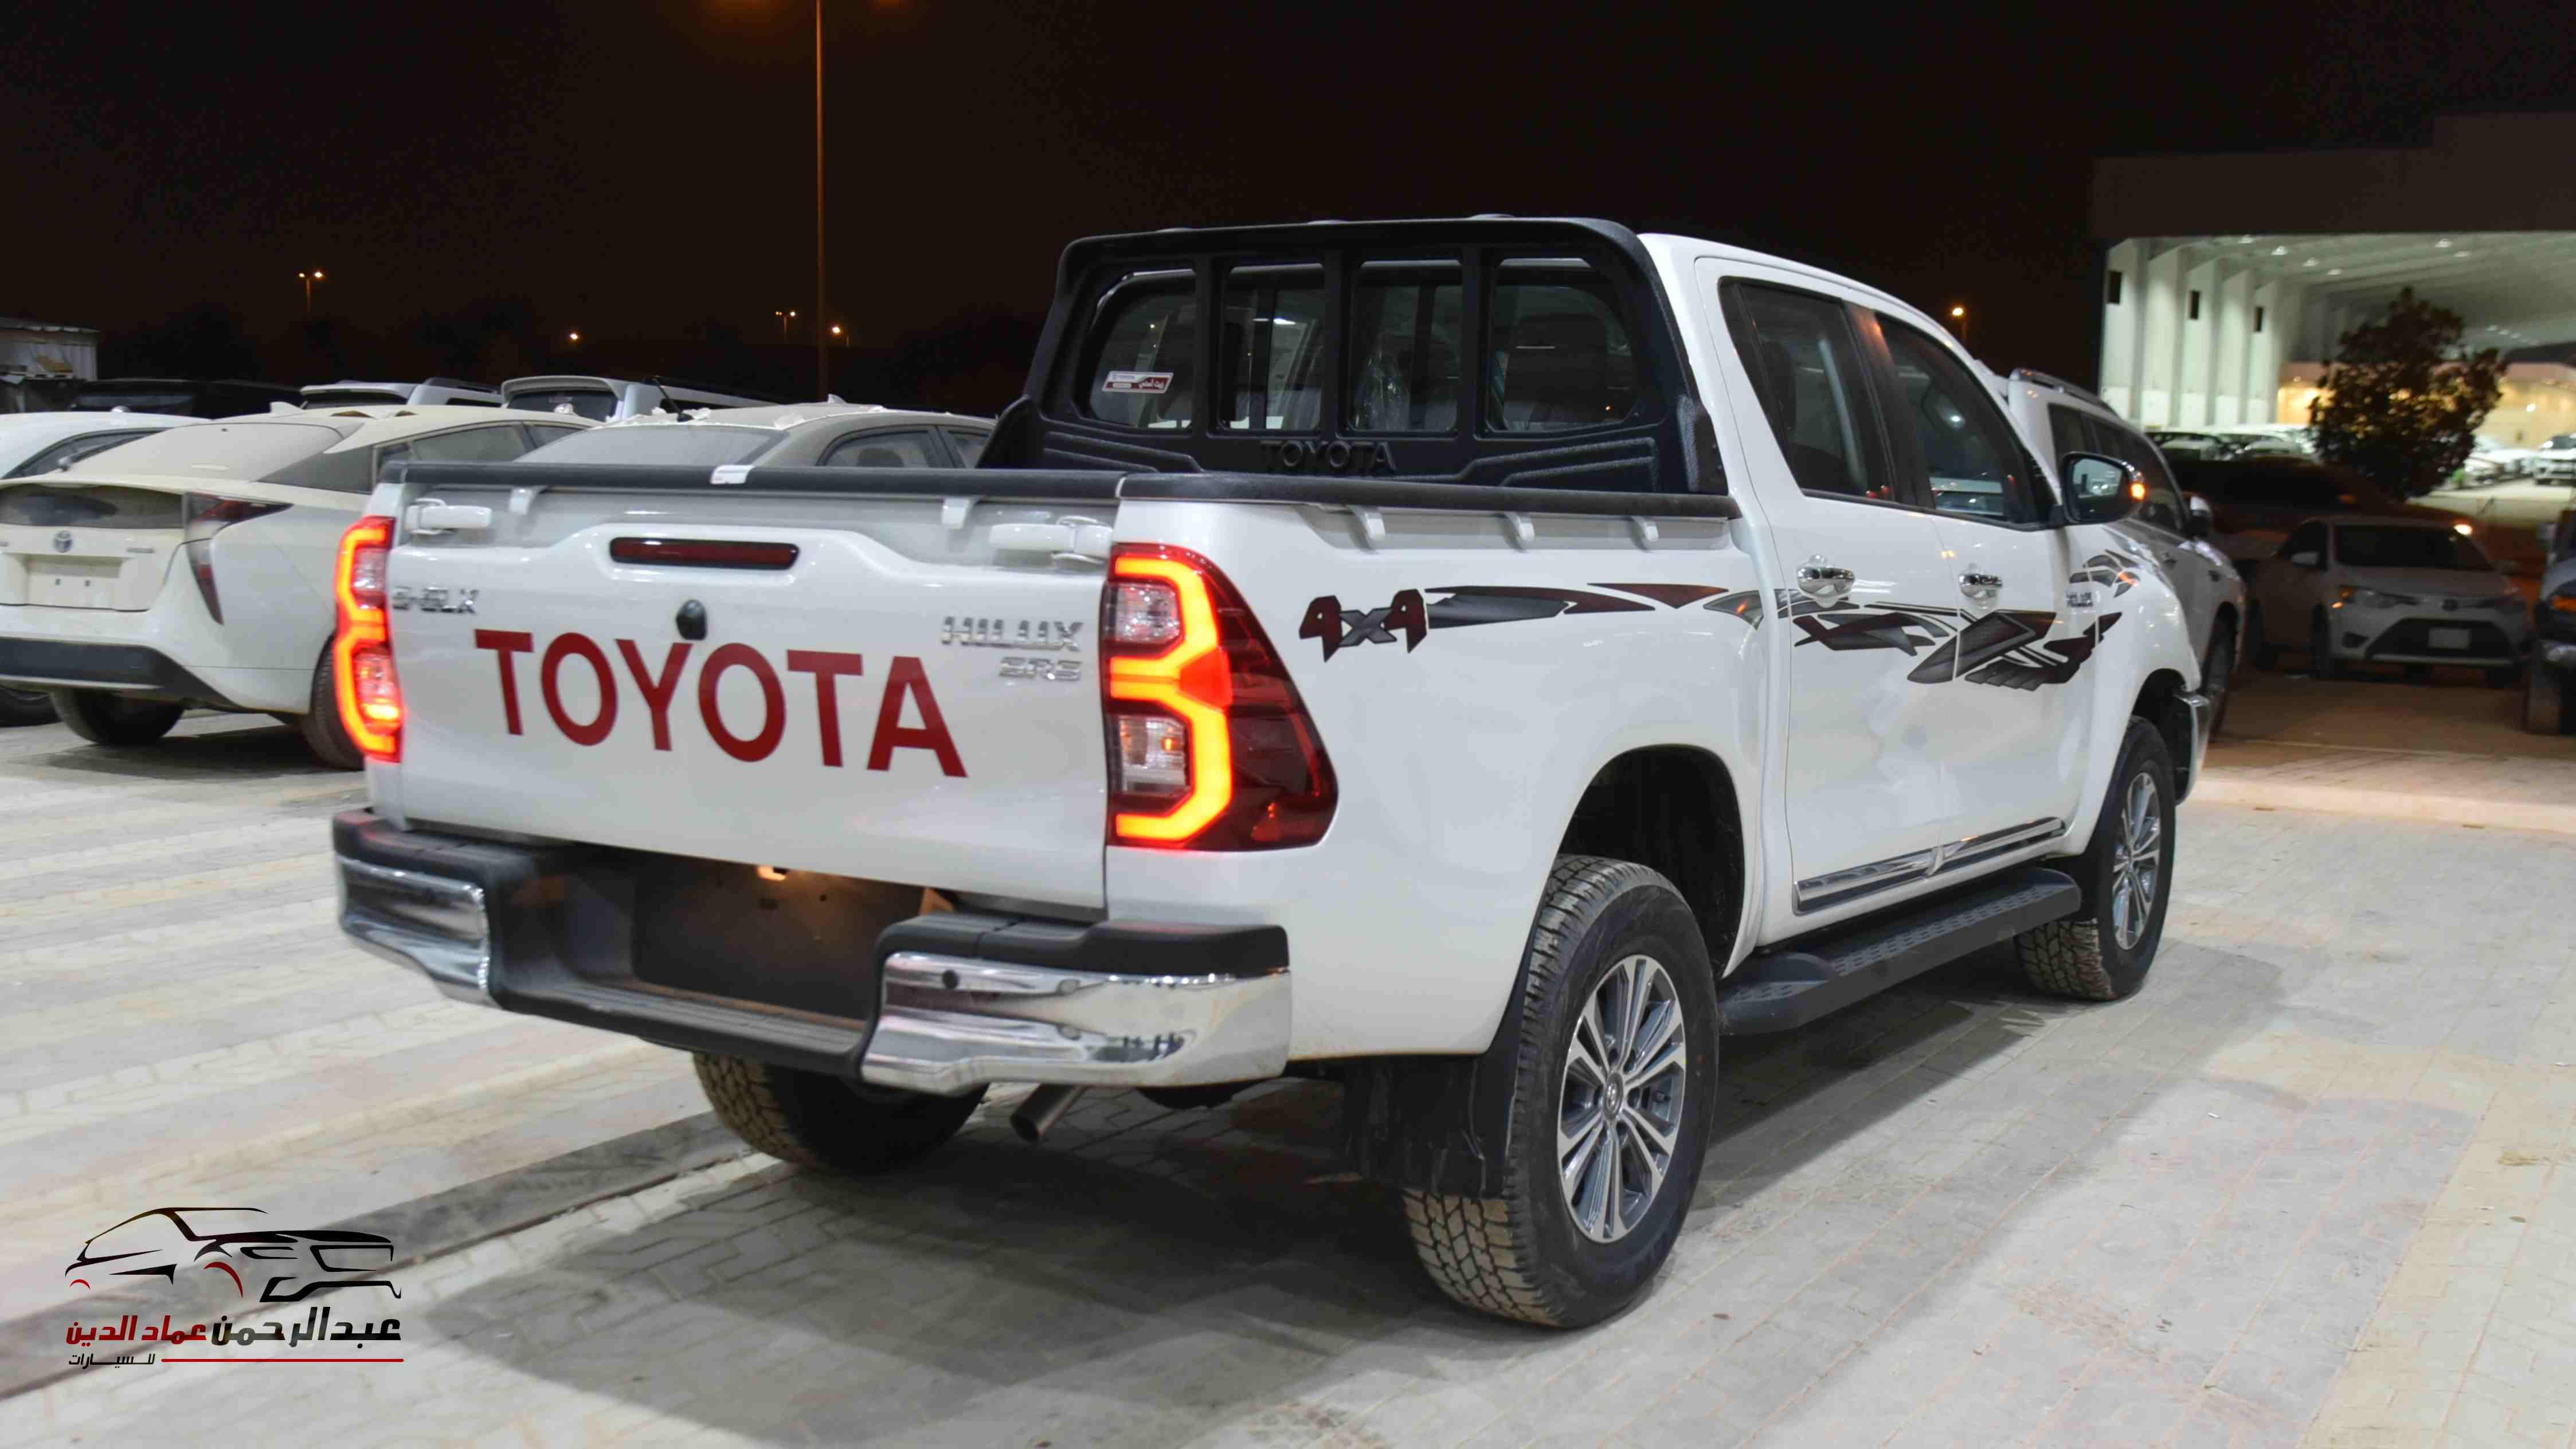 هايلكس 2021 غمارتين دبل 2.7 S_GLX  جير عادي بنزين سعودي للبيع في الرياض - السعودية - صورة كبيرة - 2